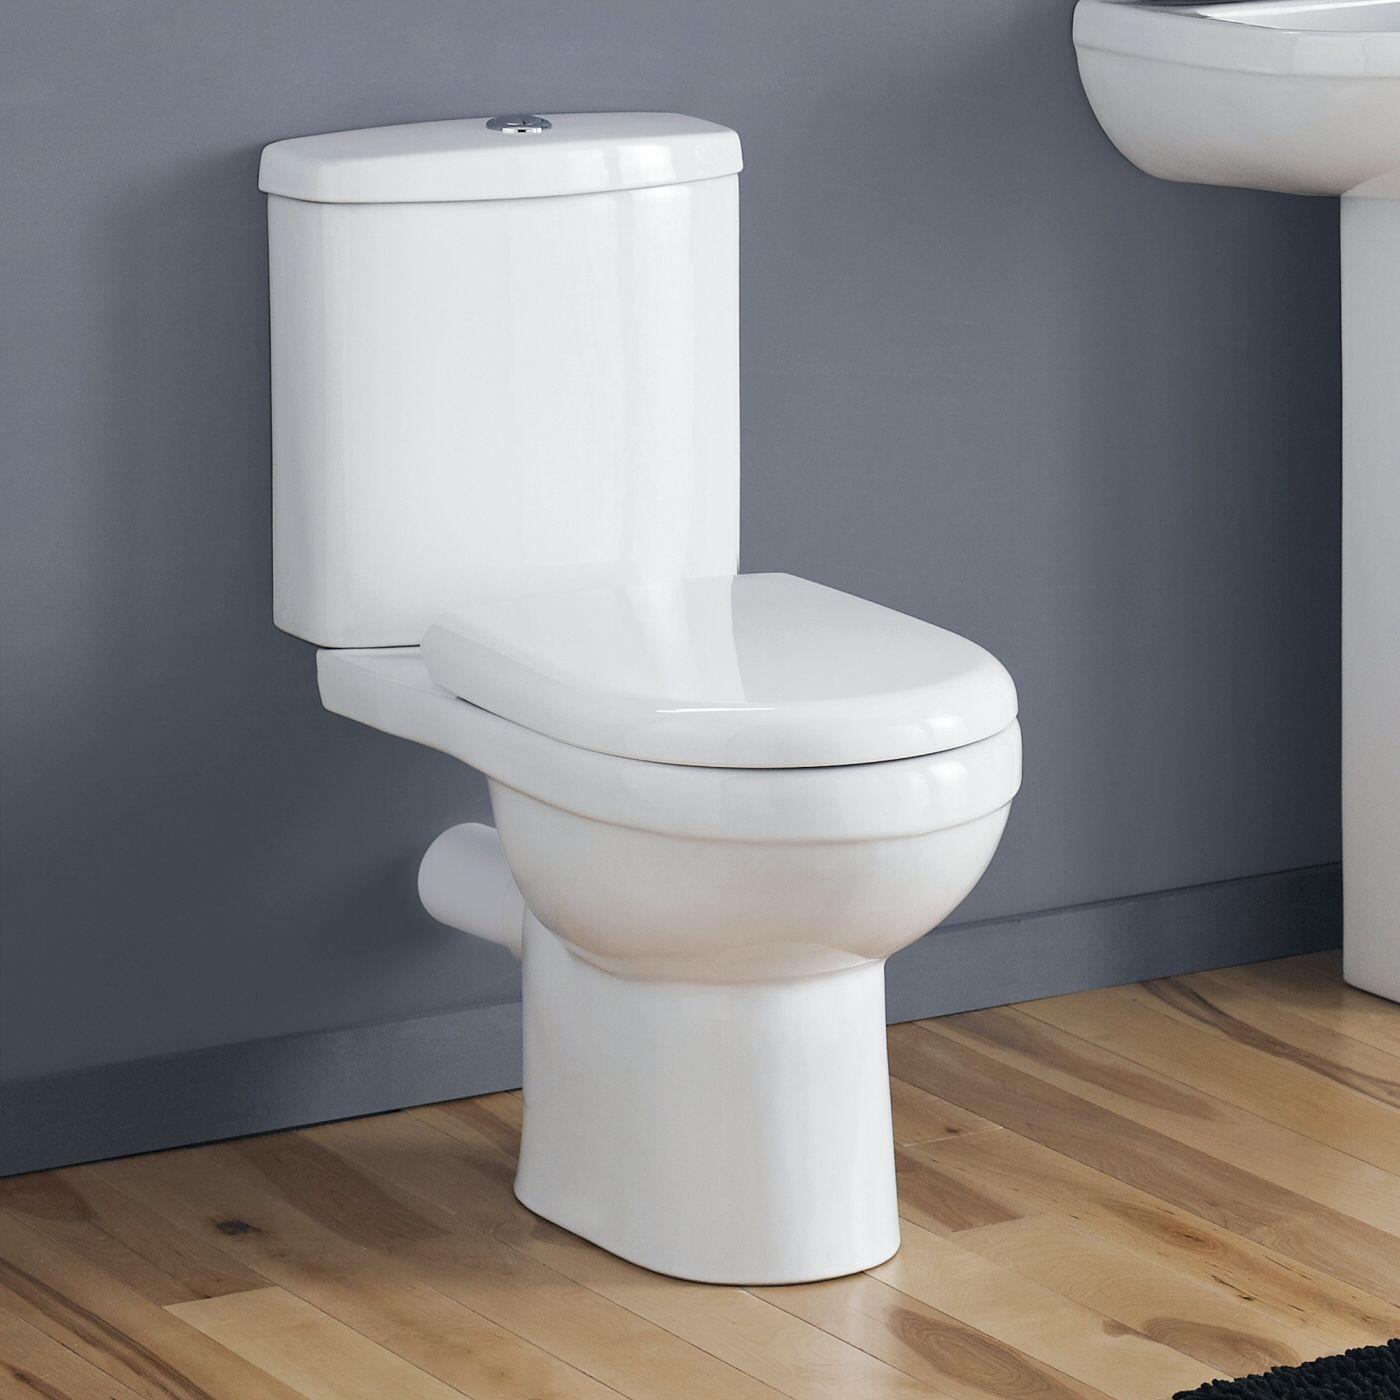 Pack de wc completo con inodoro cisterna con salida for Inodoro completo